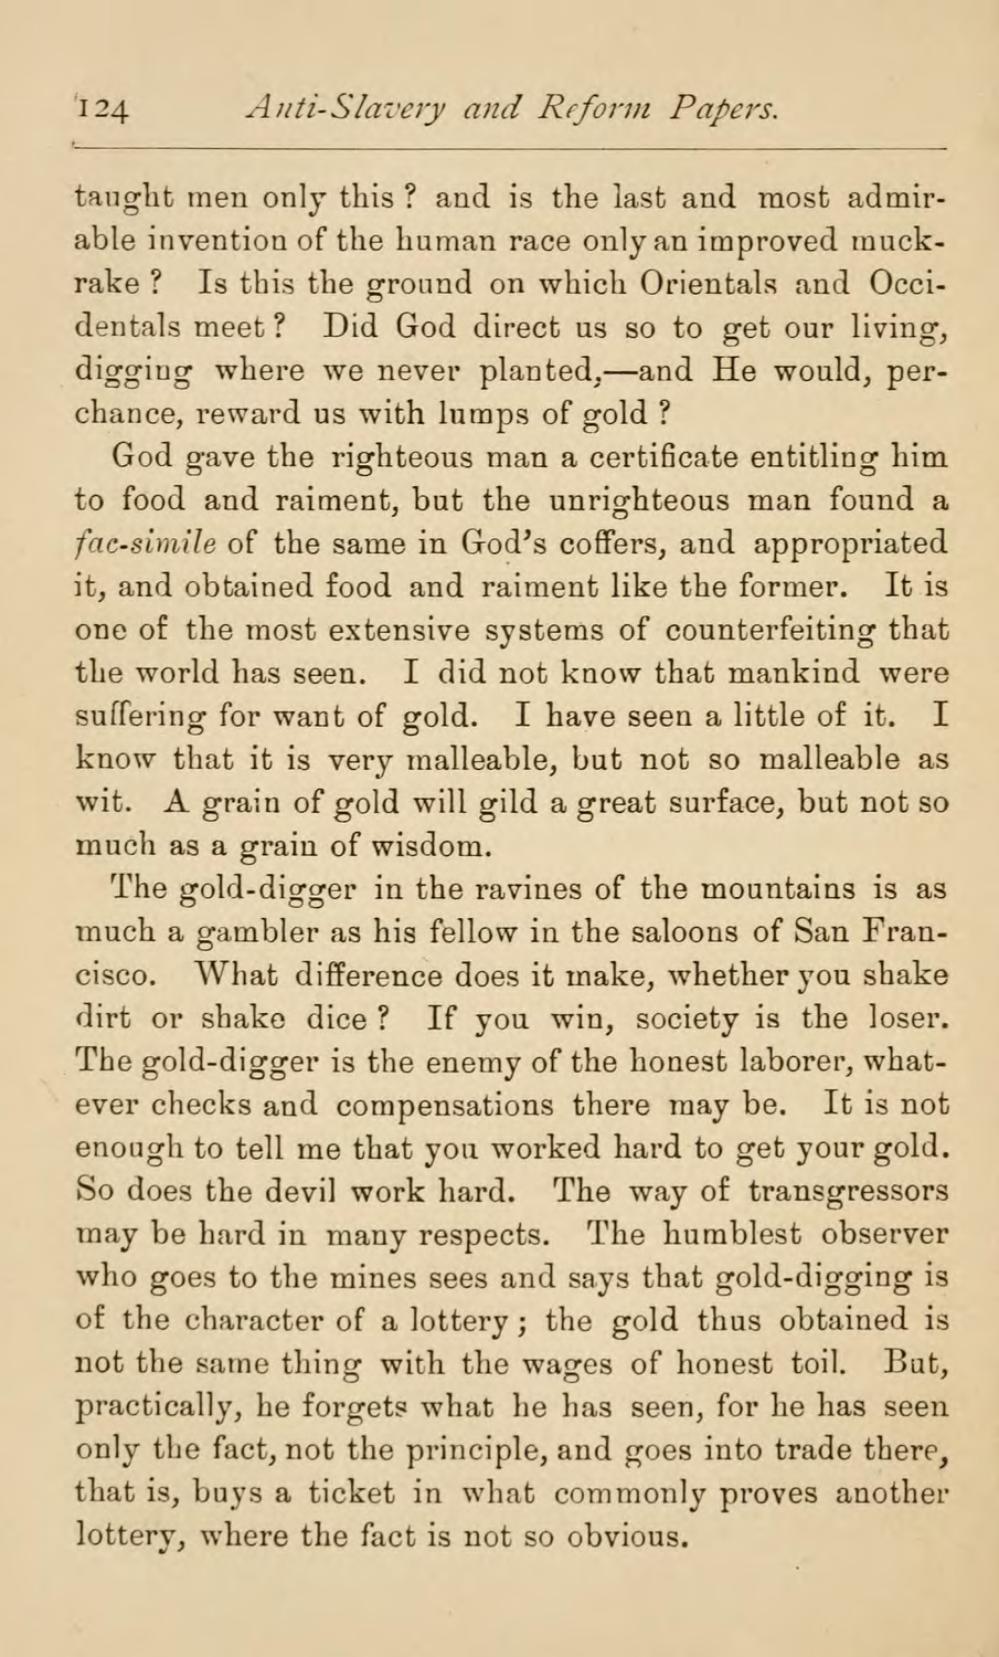 Antislavery essay